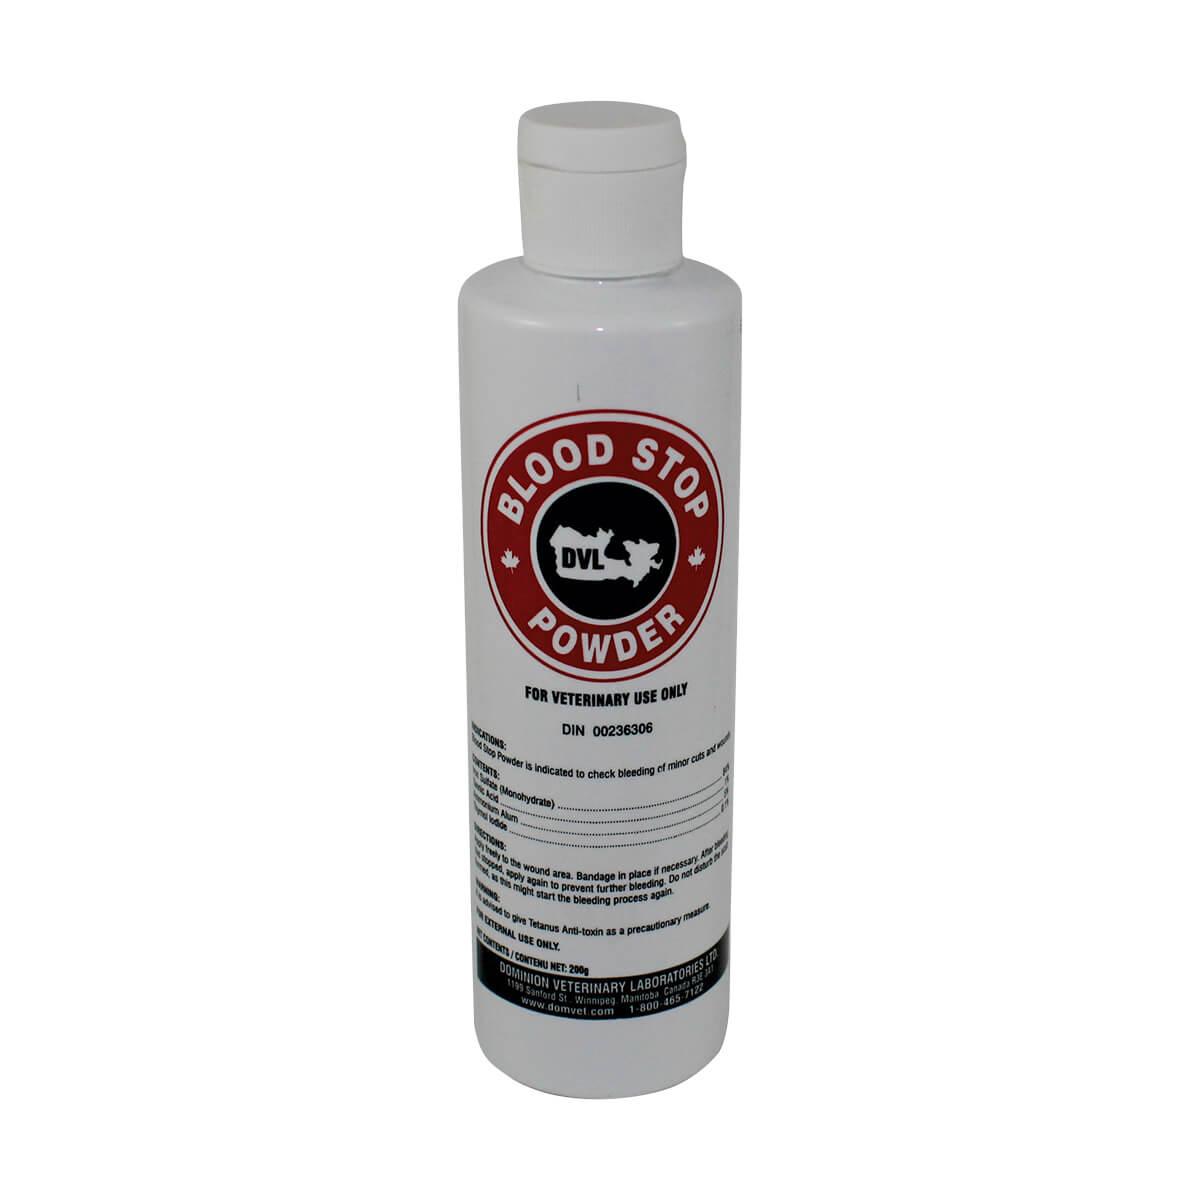 Blood Stopper Powder - 200 g